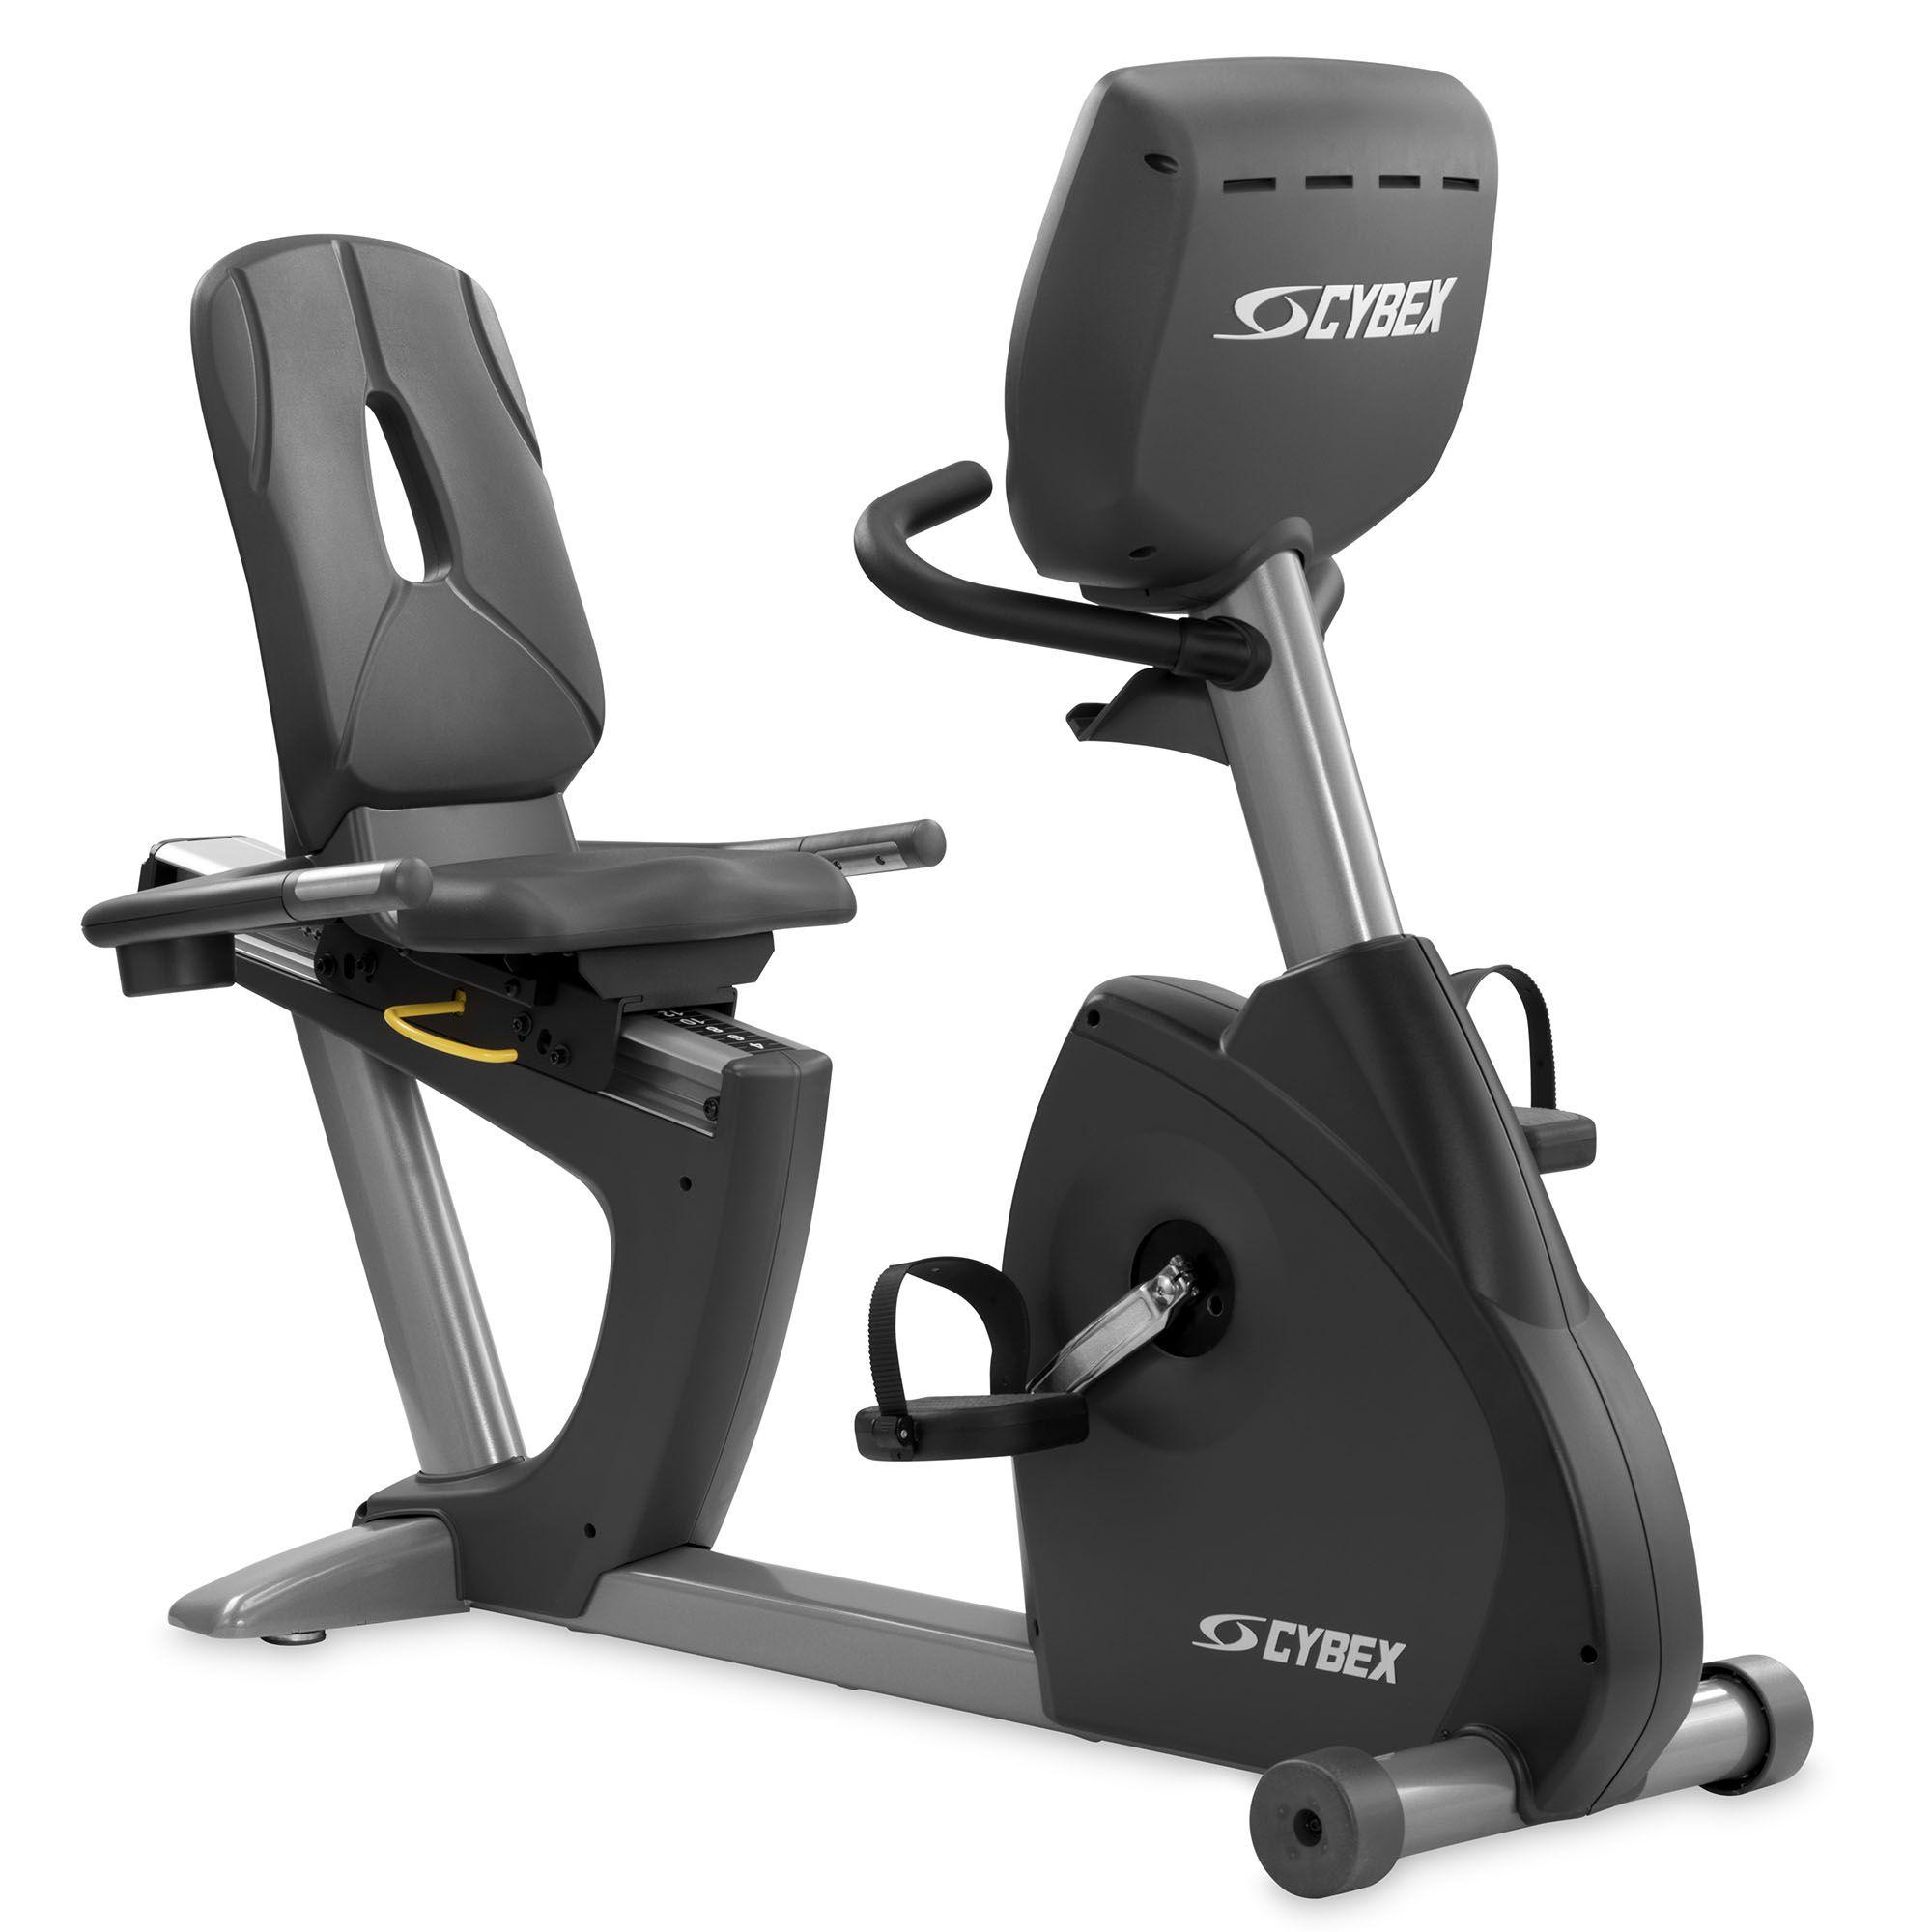 Cybex 625r Recumbent Bike Sweatband Com